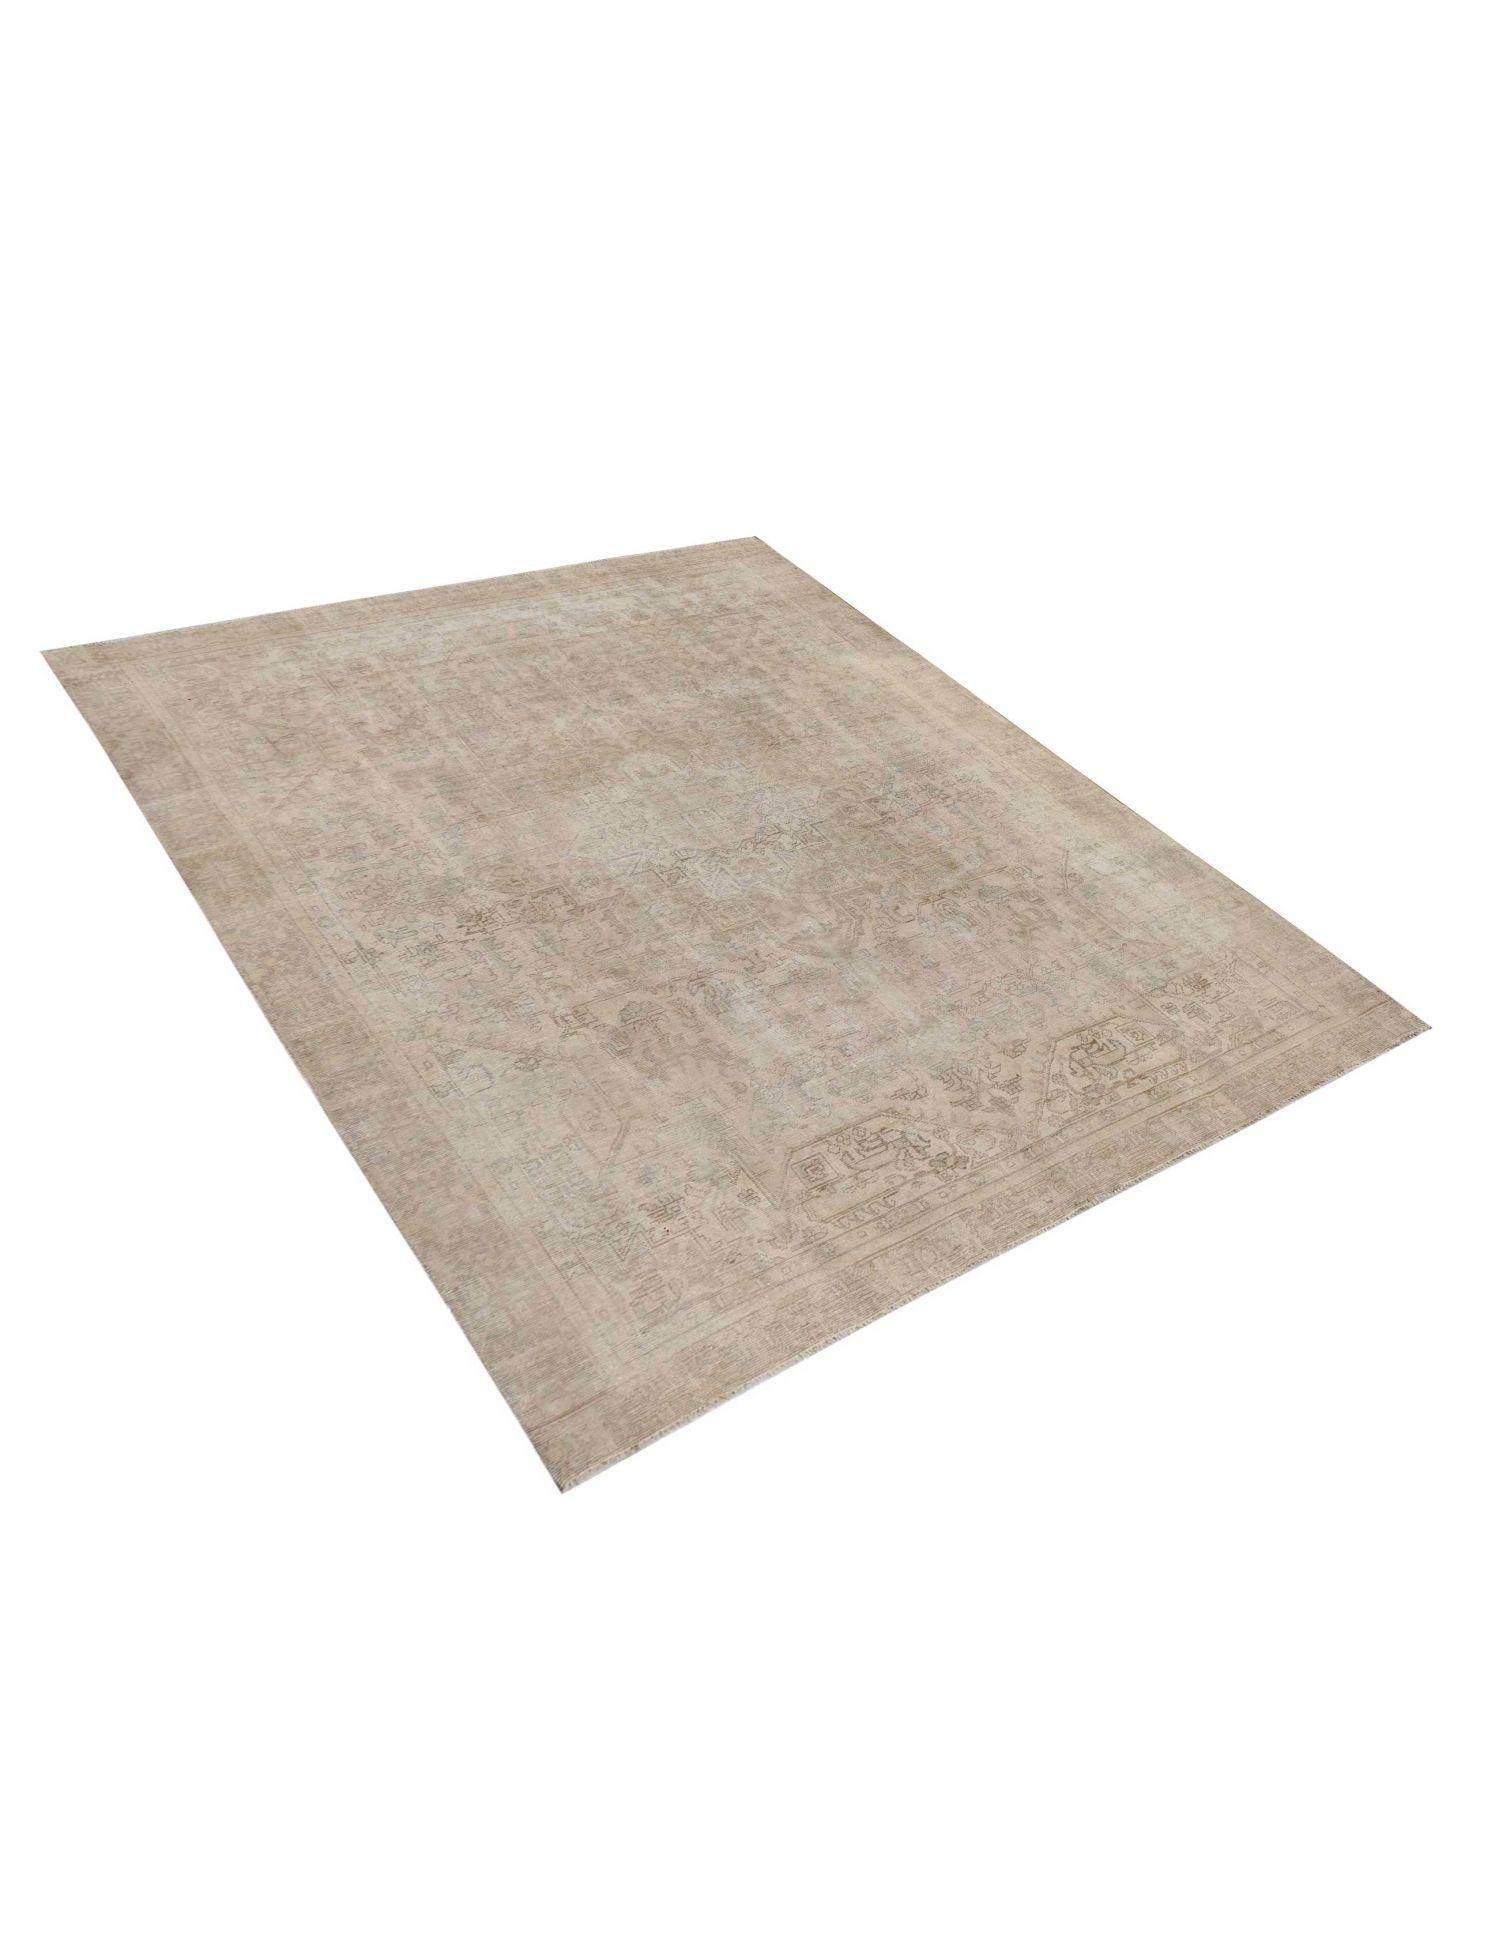 Persischer Vintage Teppich  beige <br/>370 x 280 cm